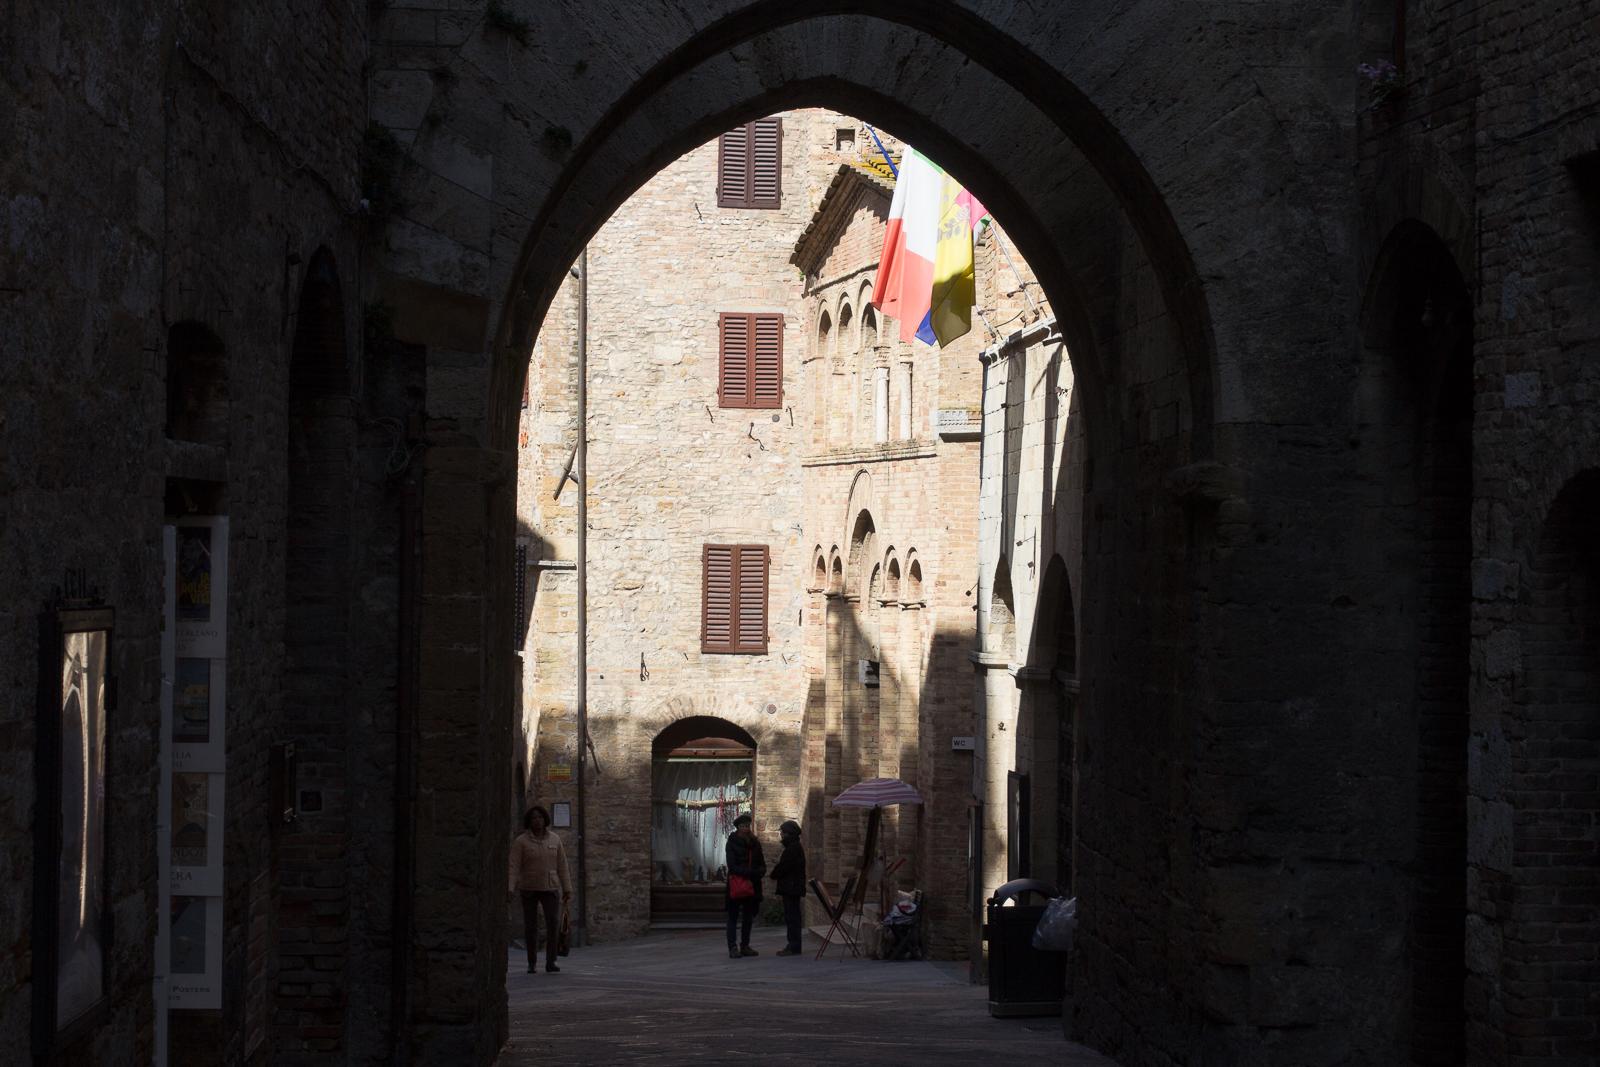 A San Gimignano view